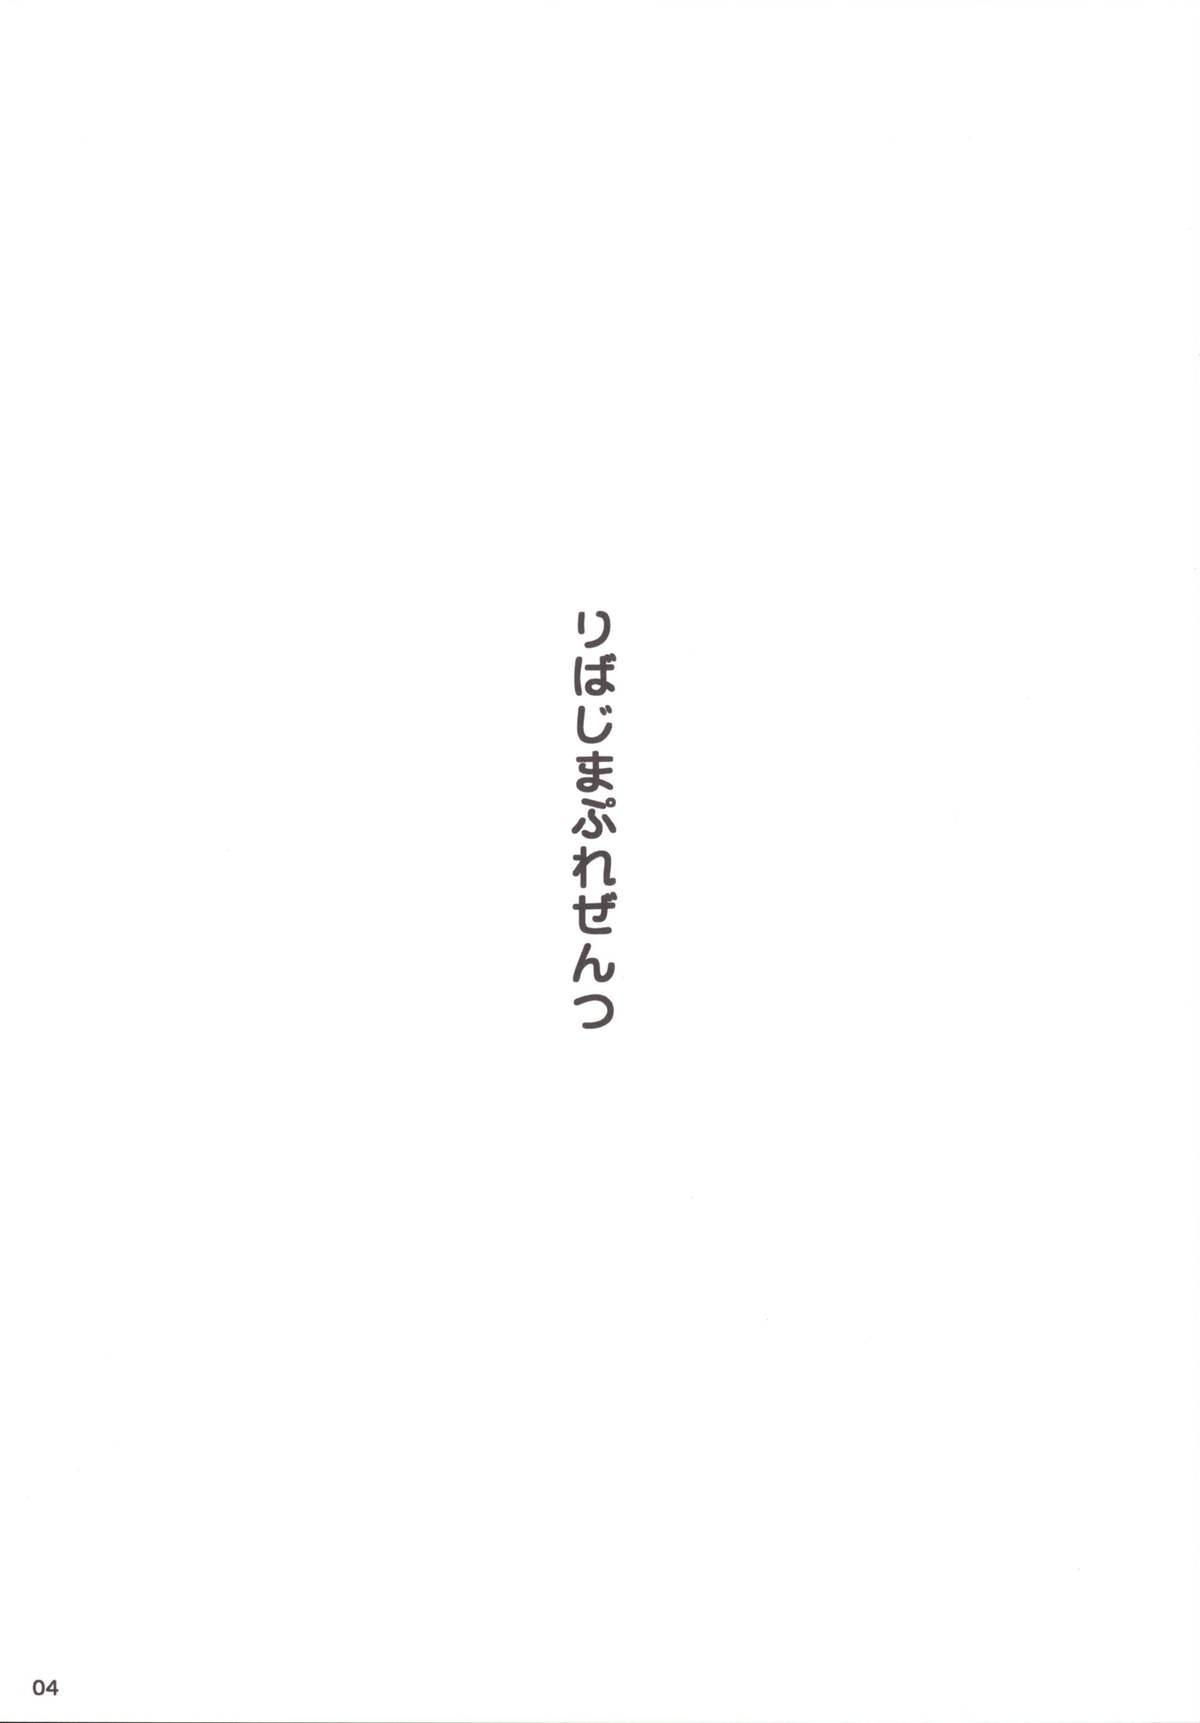 Isuzu no Naisho Banashi 2